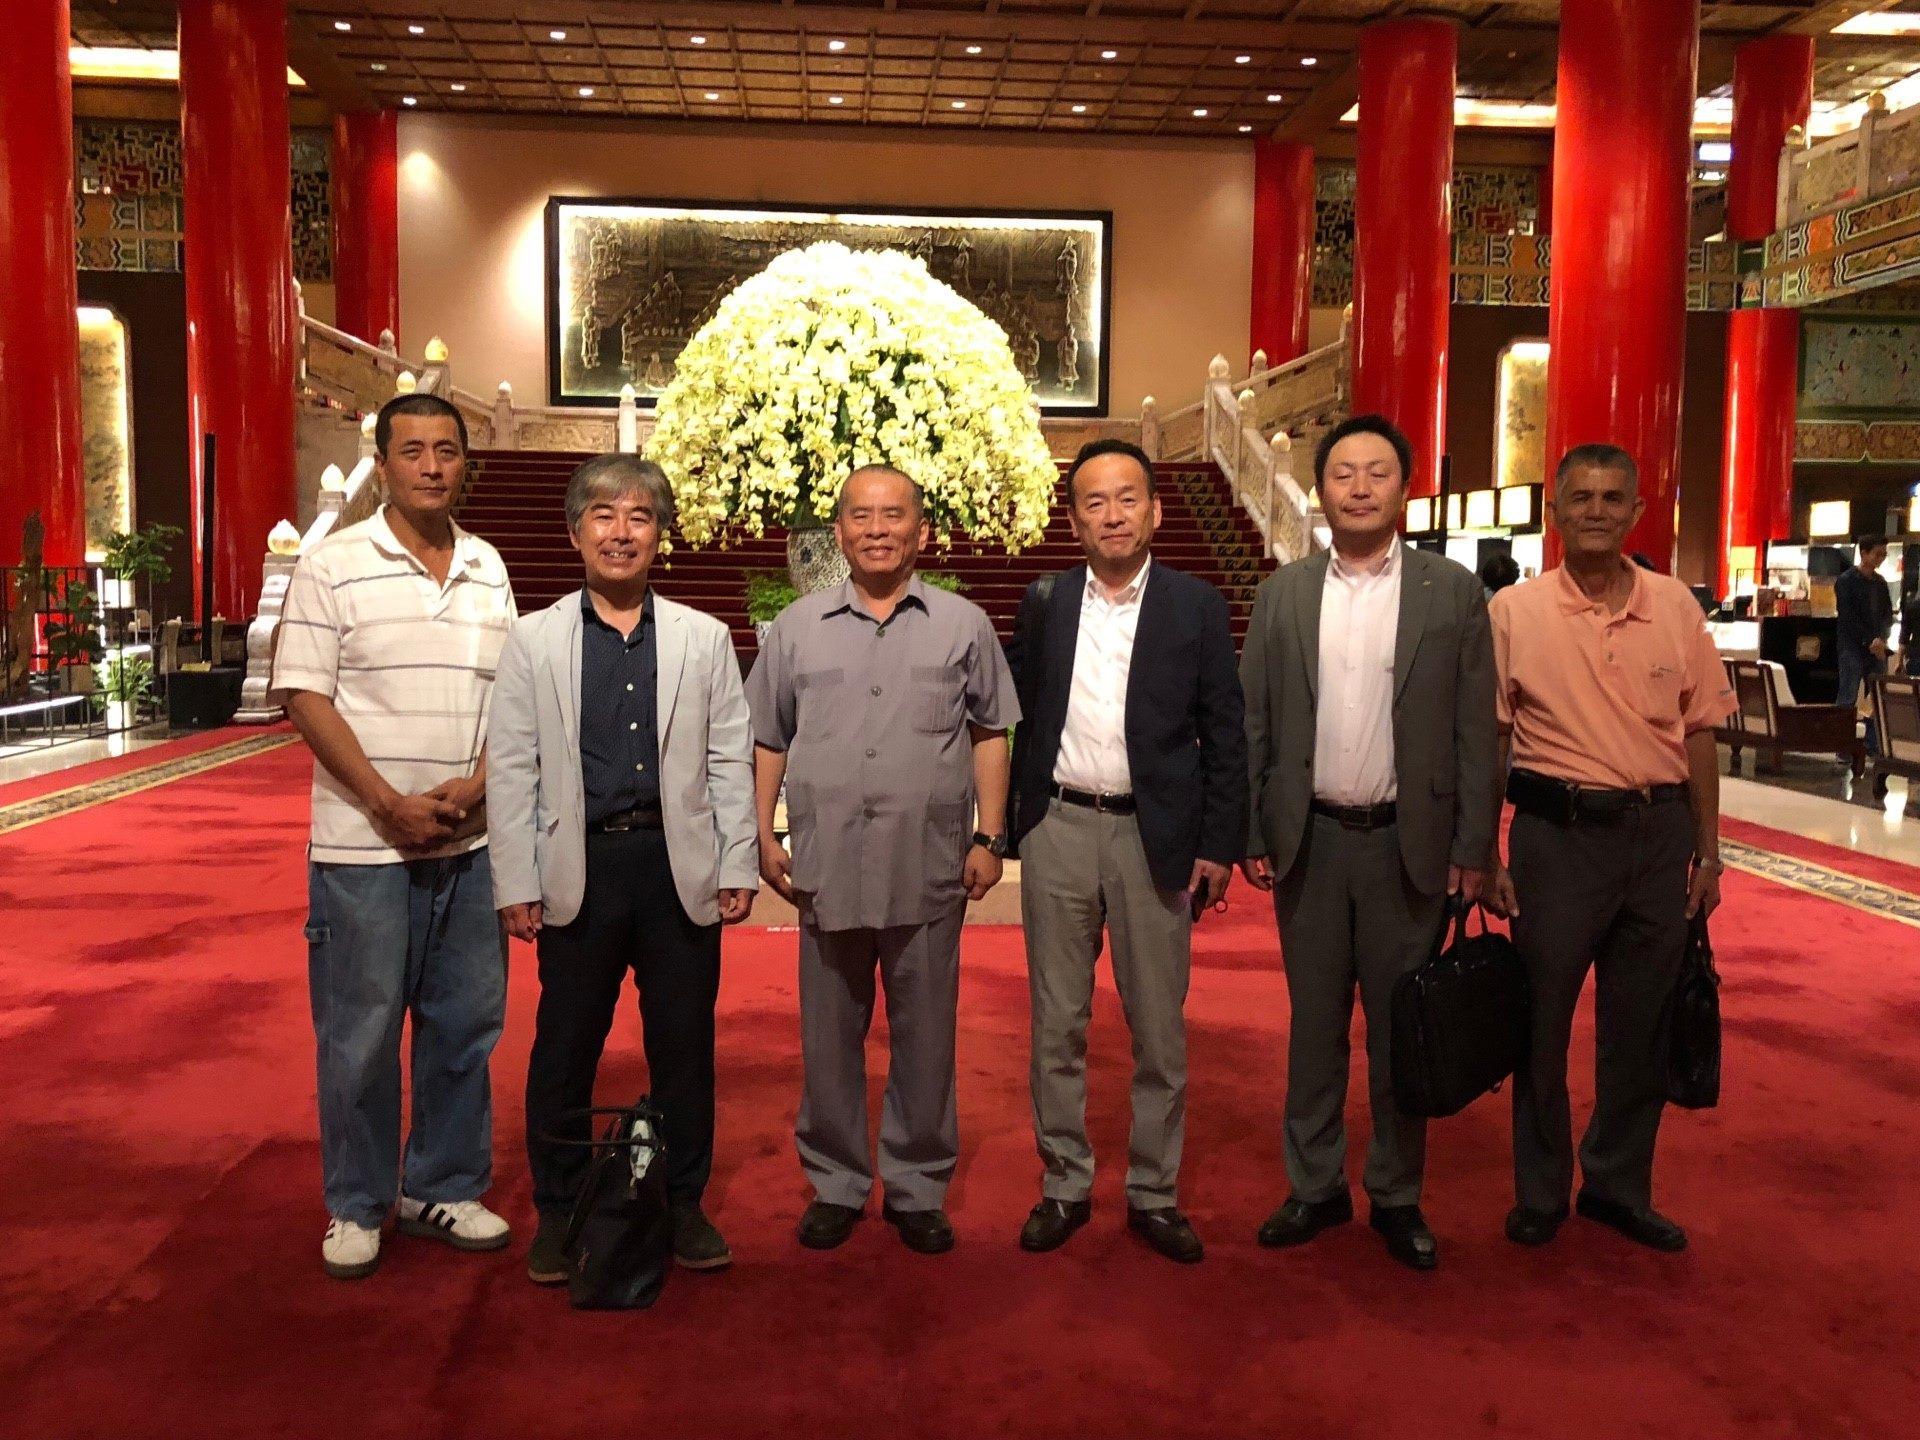 圖右:電氣工會與日本電力總連姊妹會情牽40年,日方岸本會長(右3)來訪,並祝賀電氣工會創會60周年。(圖片提供/皆為臺北市電氣裝置業職業工會)